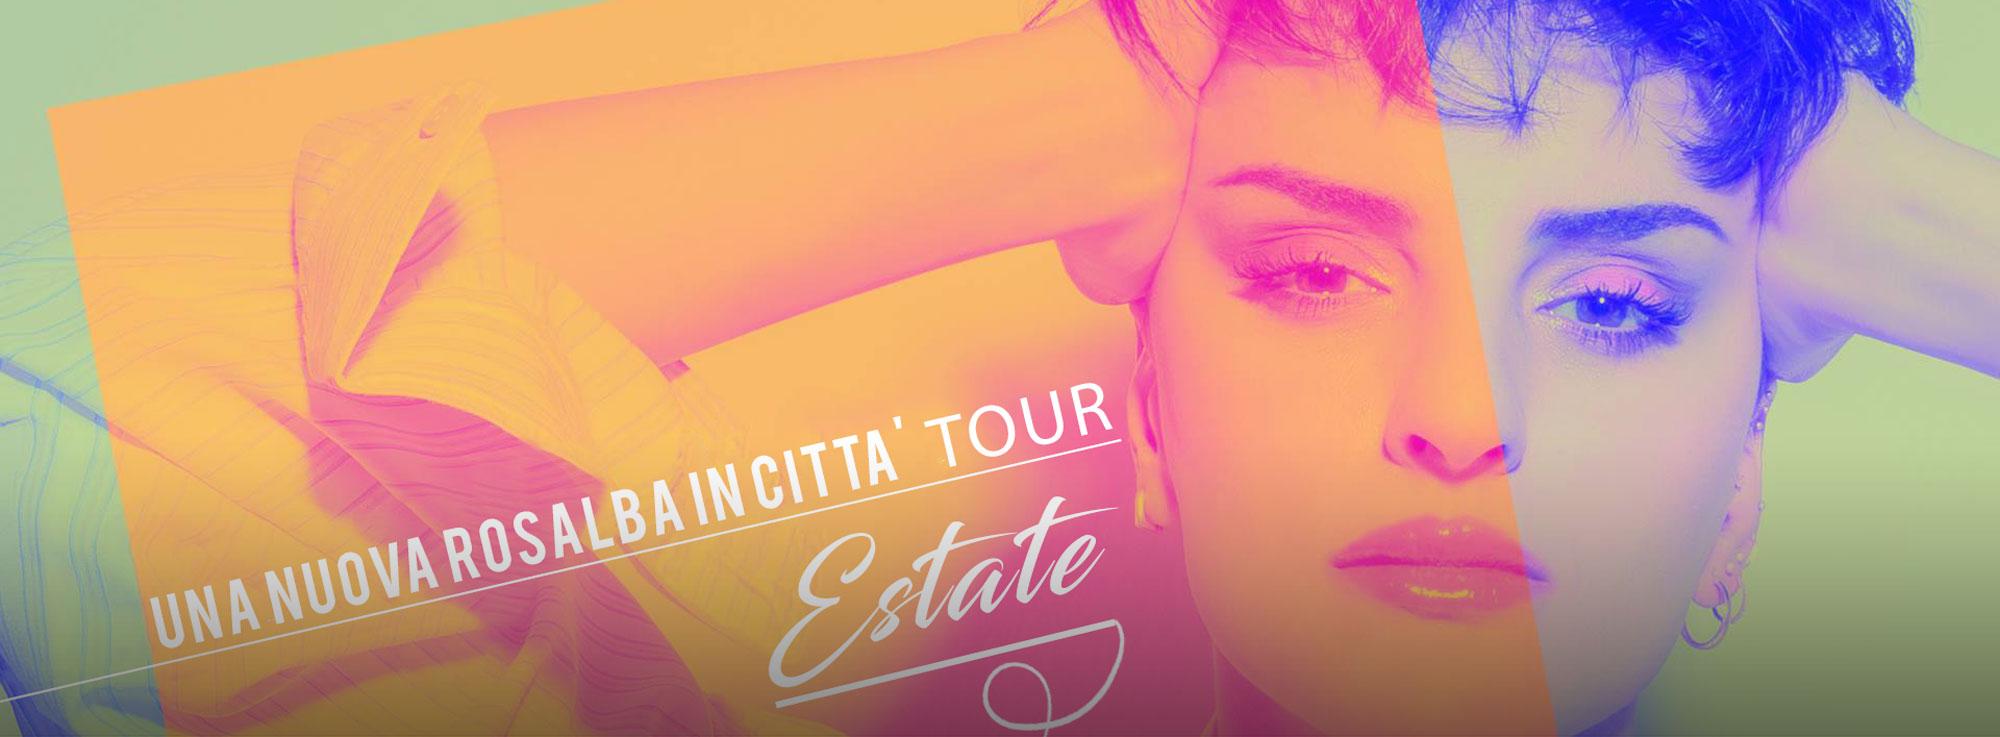 Trinitapoli: Arisa - Una nuova Rosalba in città Tour